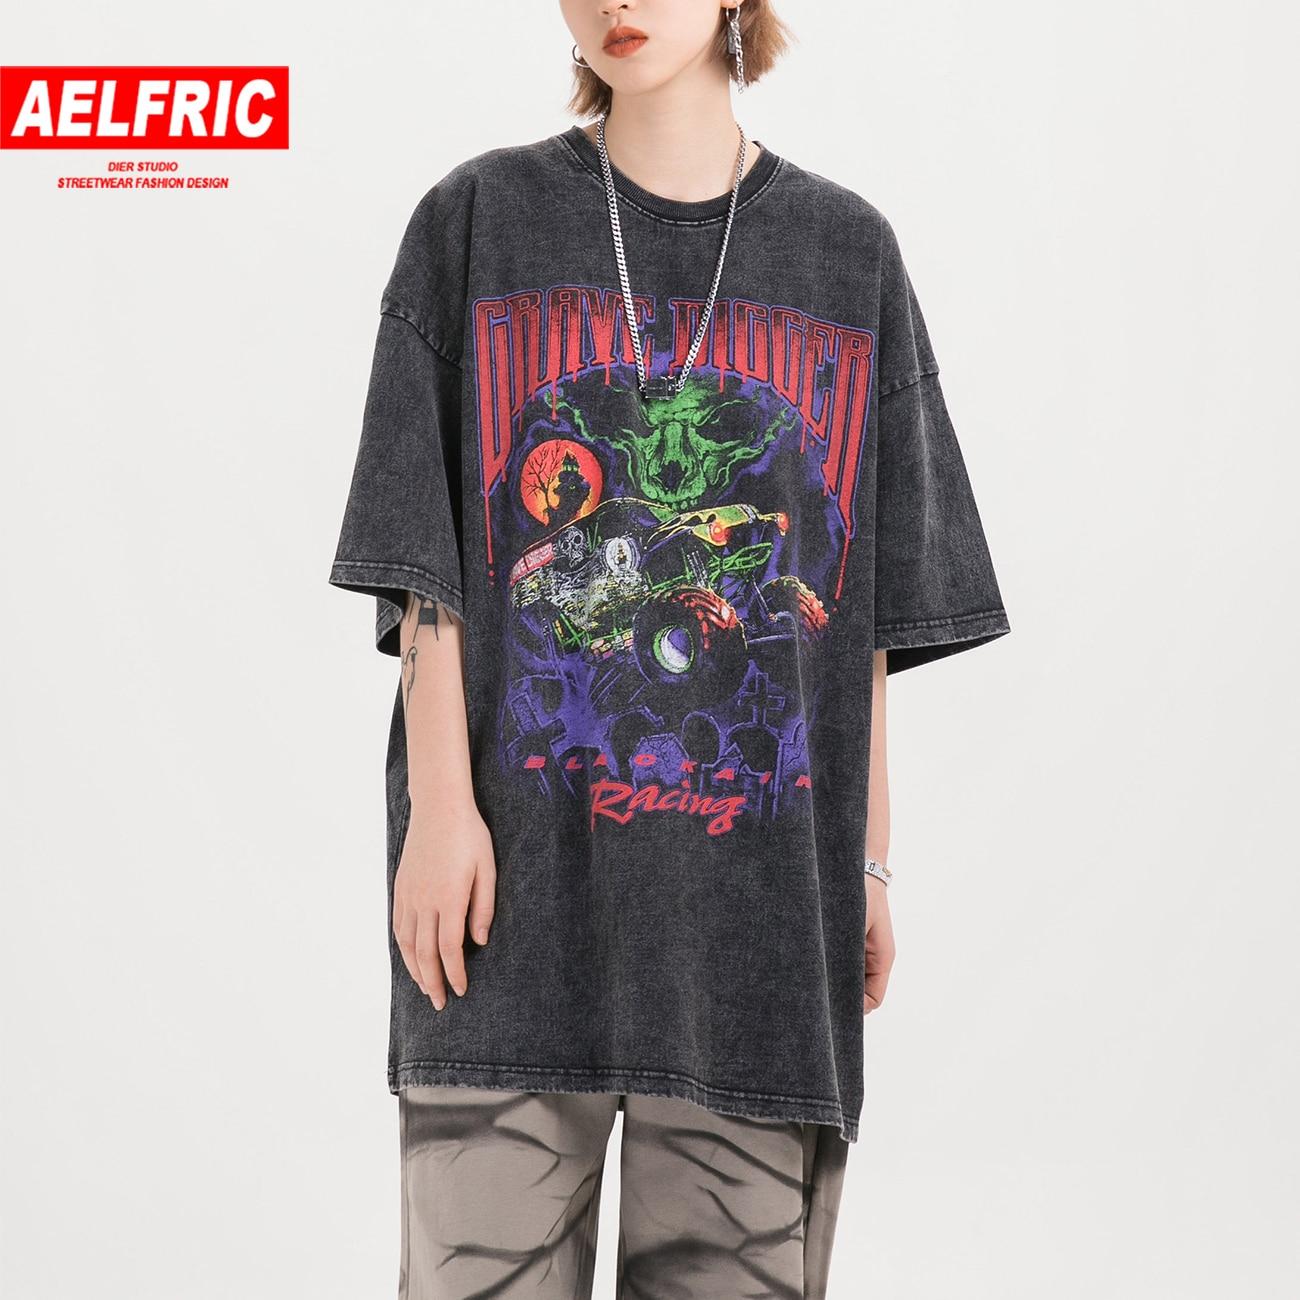 Aelfric hip hop graffiti t camisa feminina 2020 verão moda tshirts meia manga oversized harajuku casual algodão topos t preto